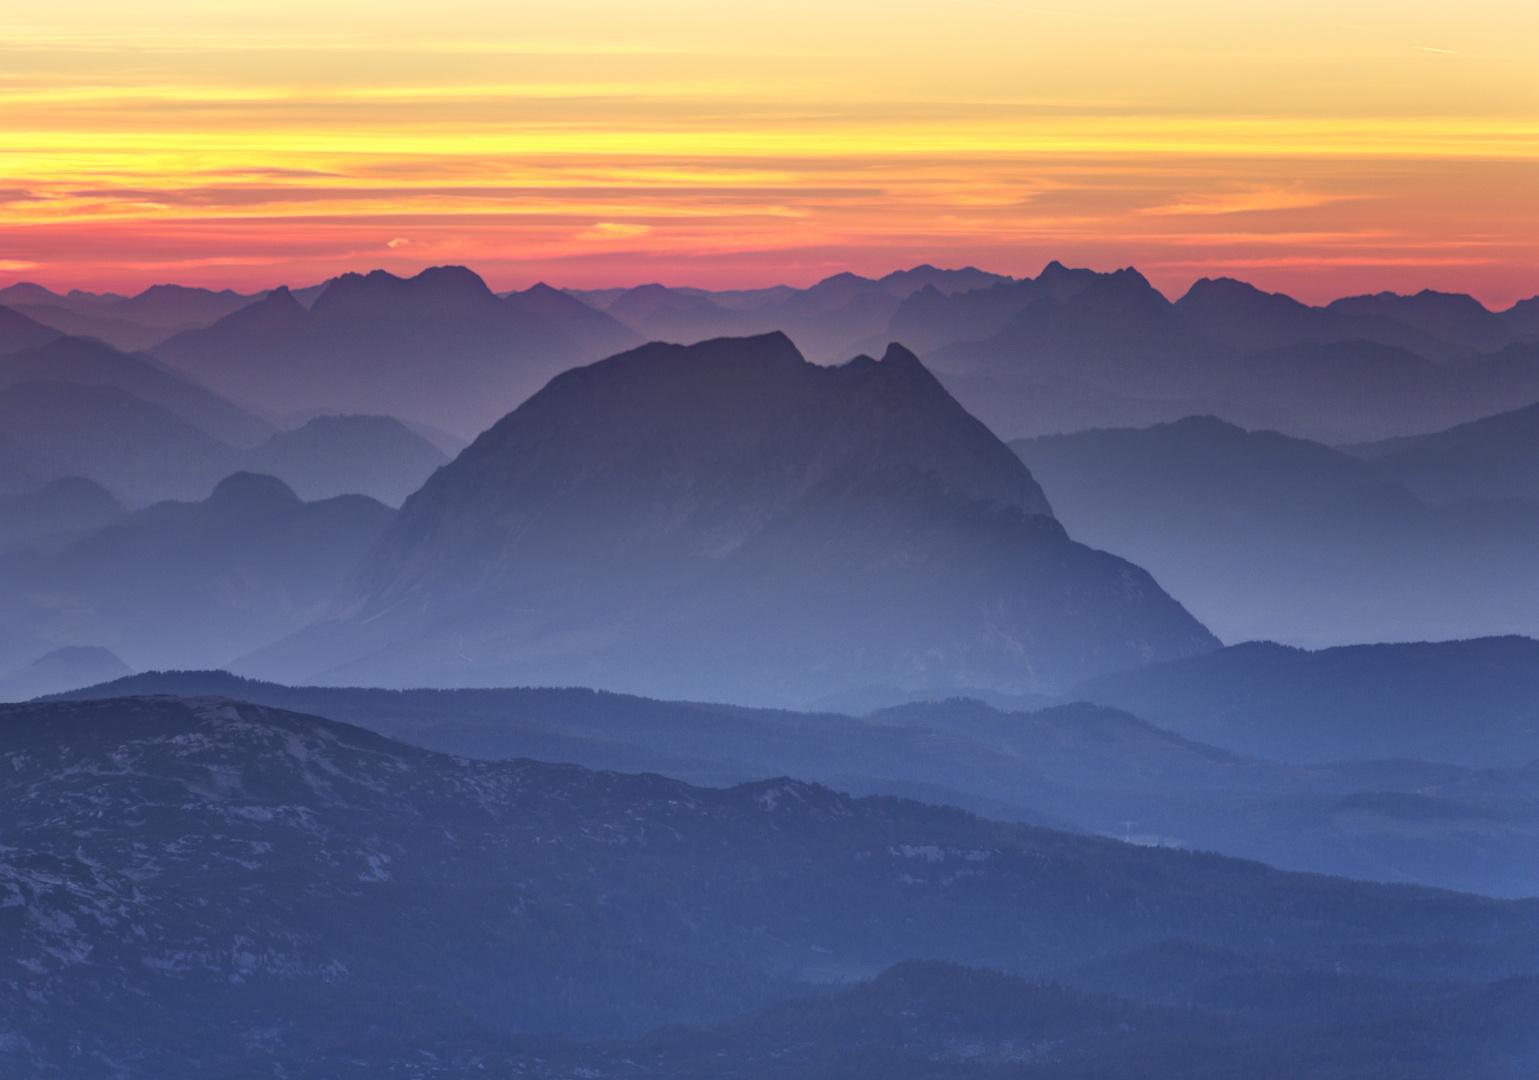 Morgenstimmung auf dem Dachsteingipfel 02